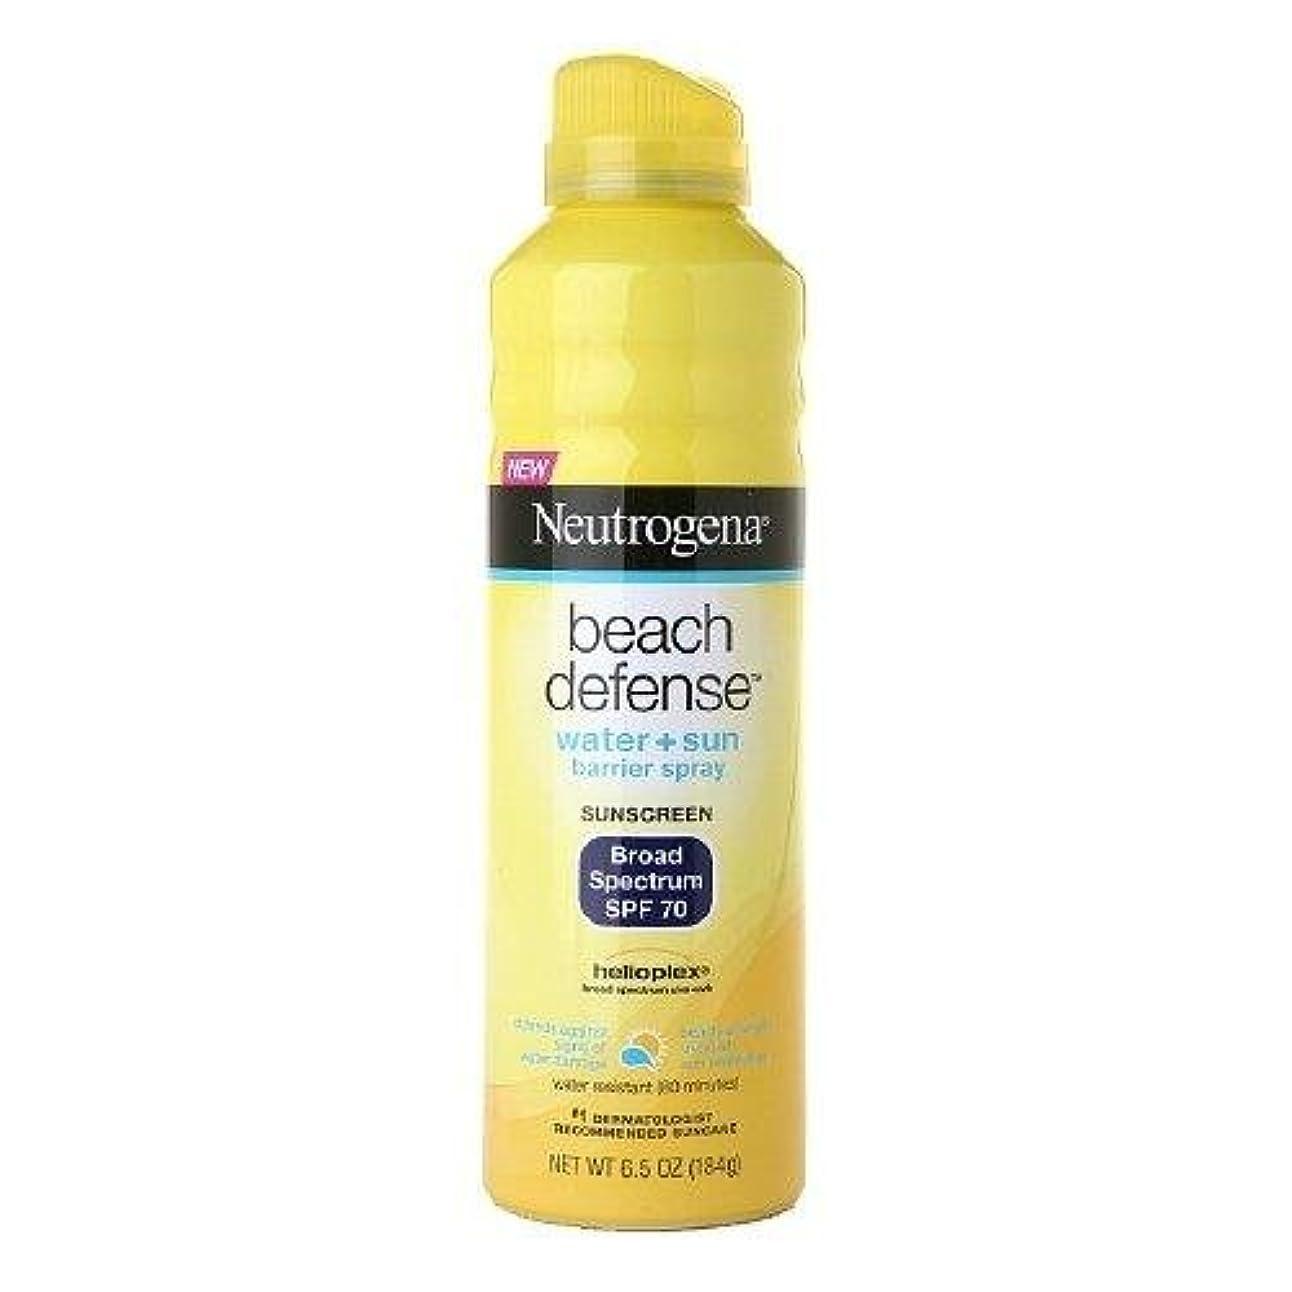 市民原始的なマスタード【海外直送品】 ニュートロジーナ 皮膚科推薦 日焼け止めスプレー SPF70 184g  Neutrogena Beach Defense Broad Spectrum Sunscreen Spray, SPF 70, 6.5 oz